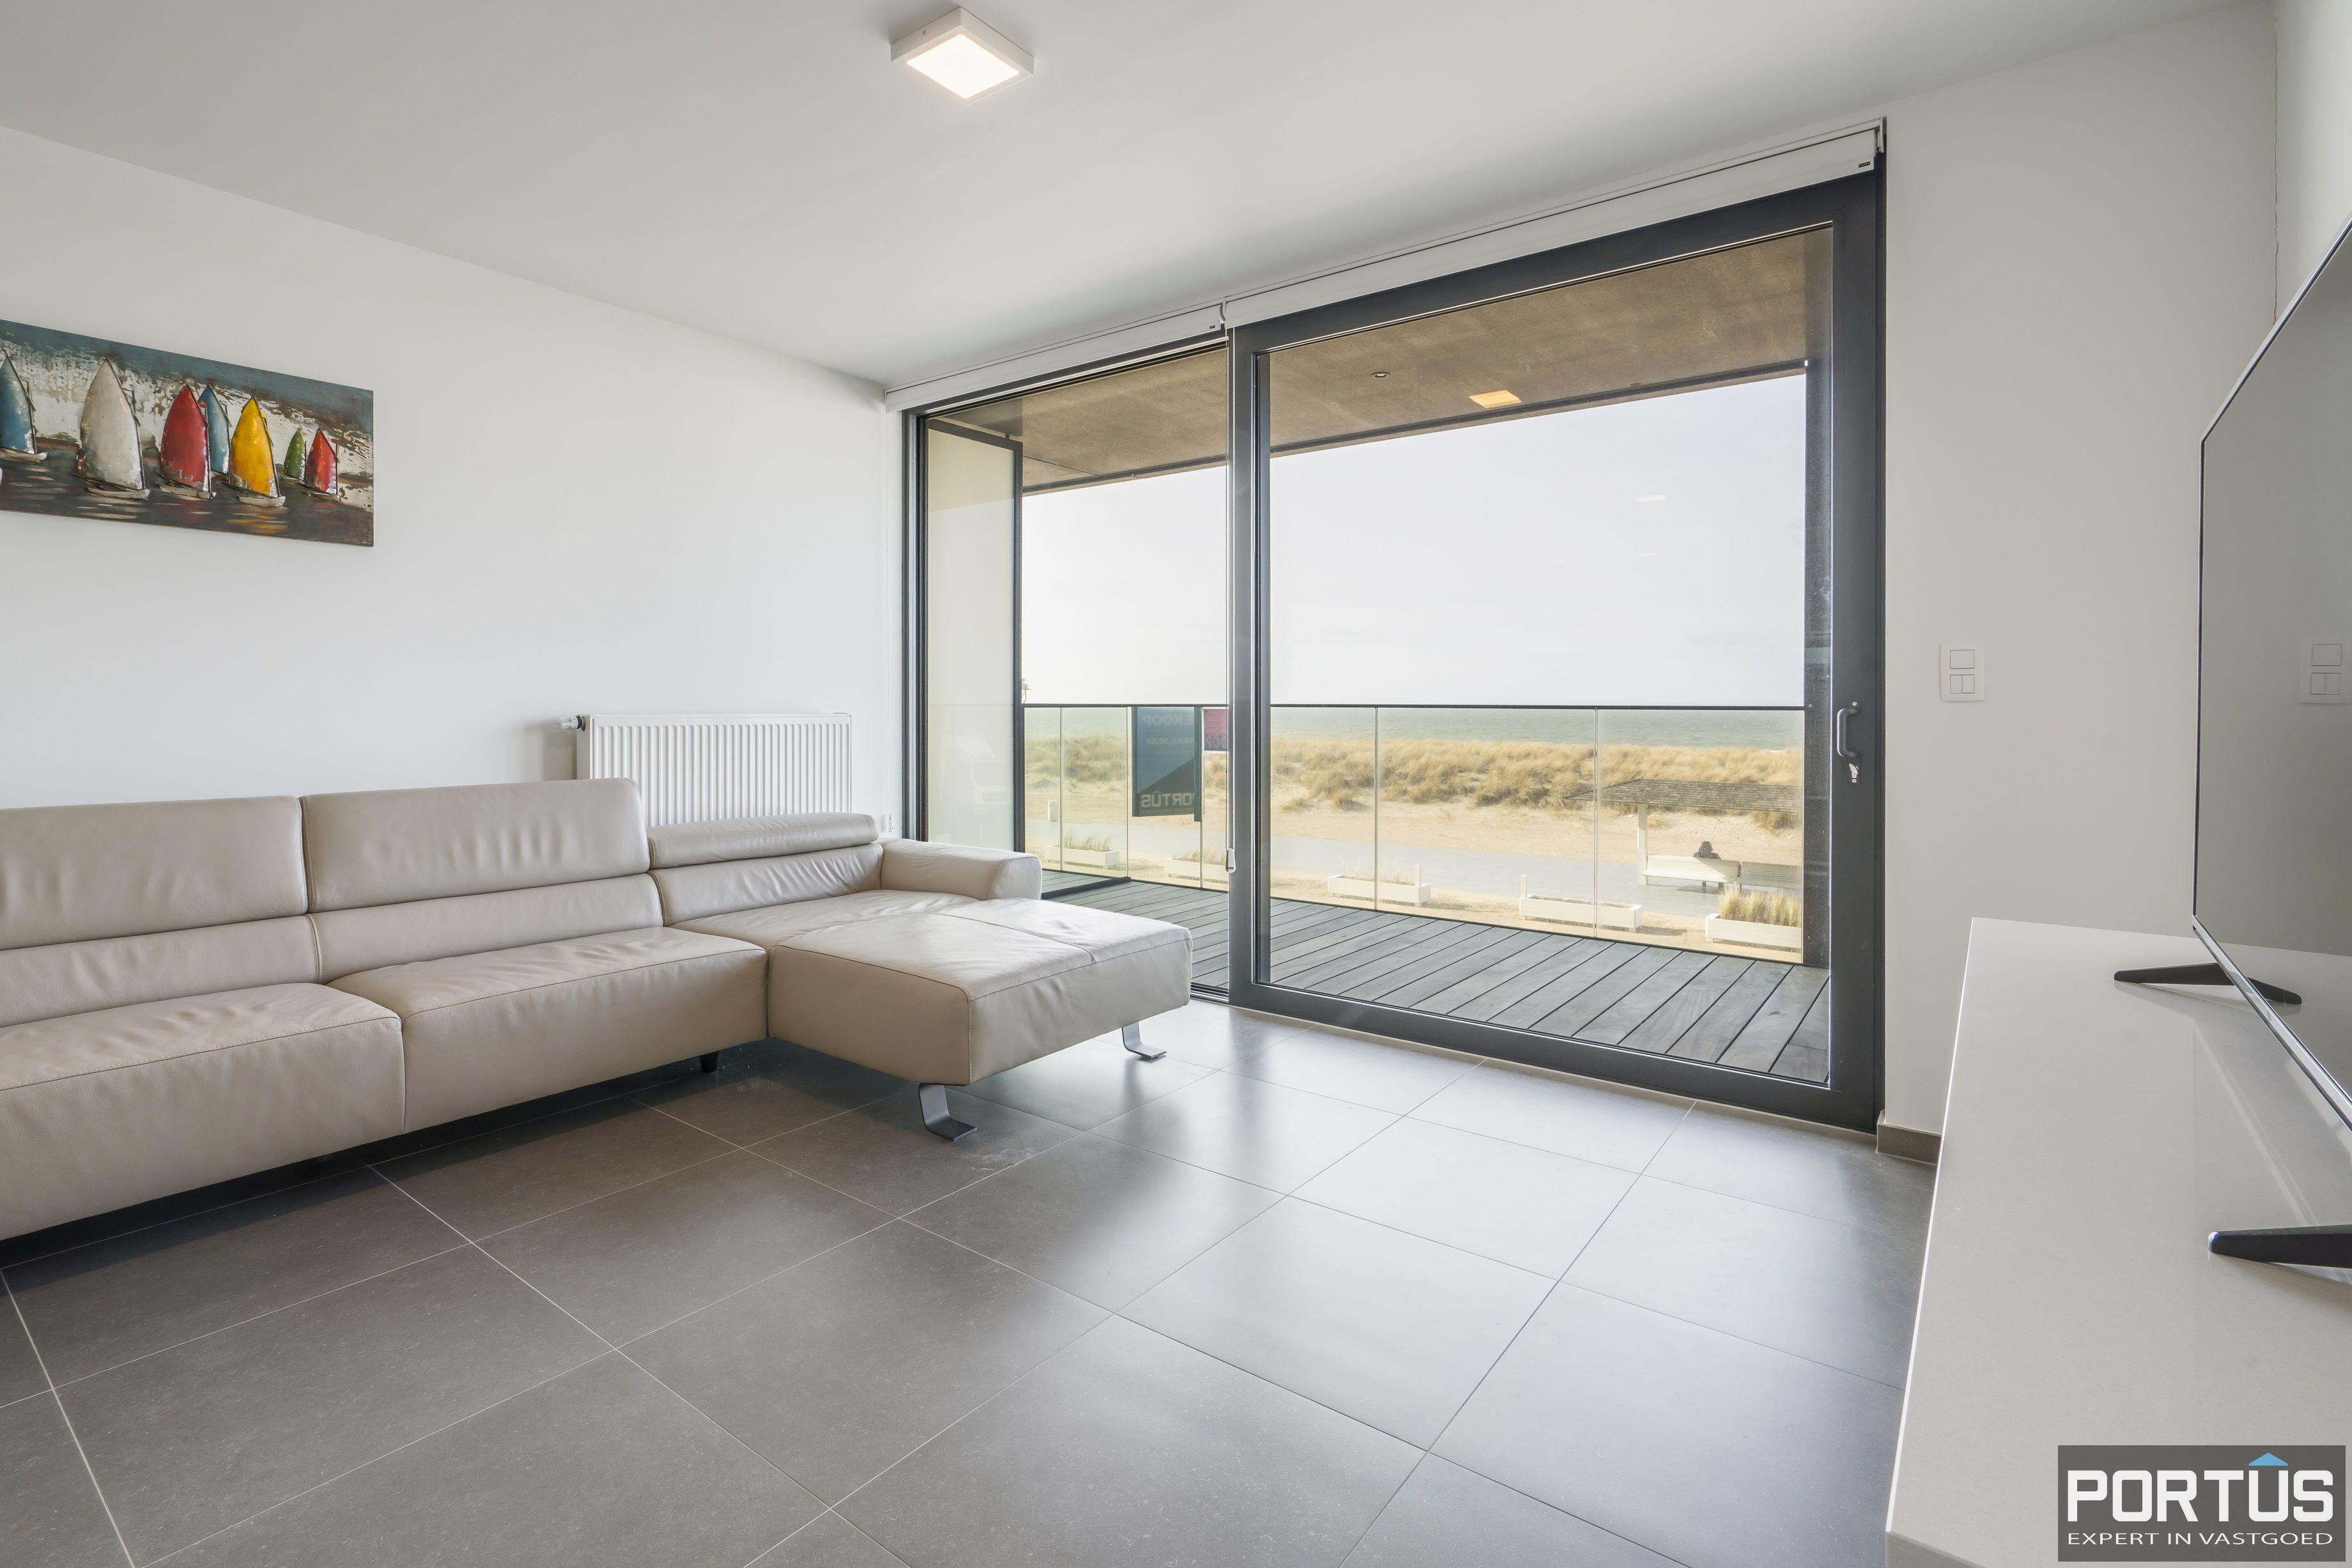 Recent appartement te koop te Nieuwpoort met frontaal zeezicht - 13039